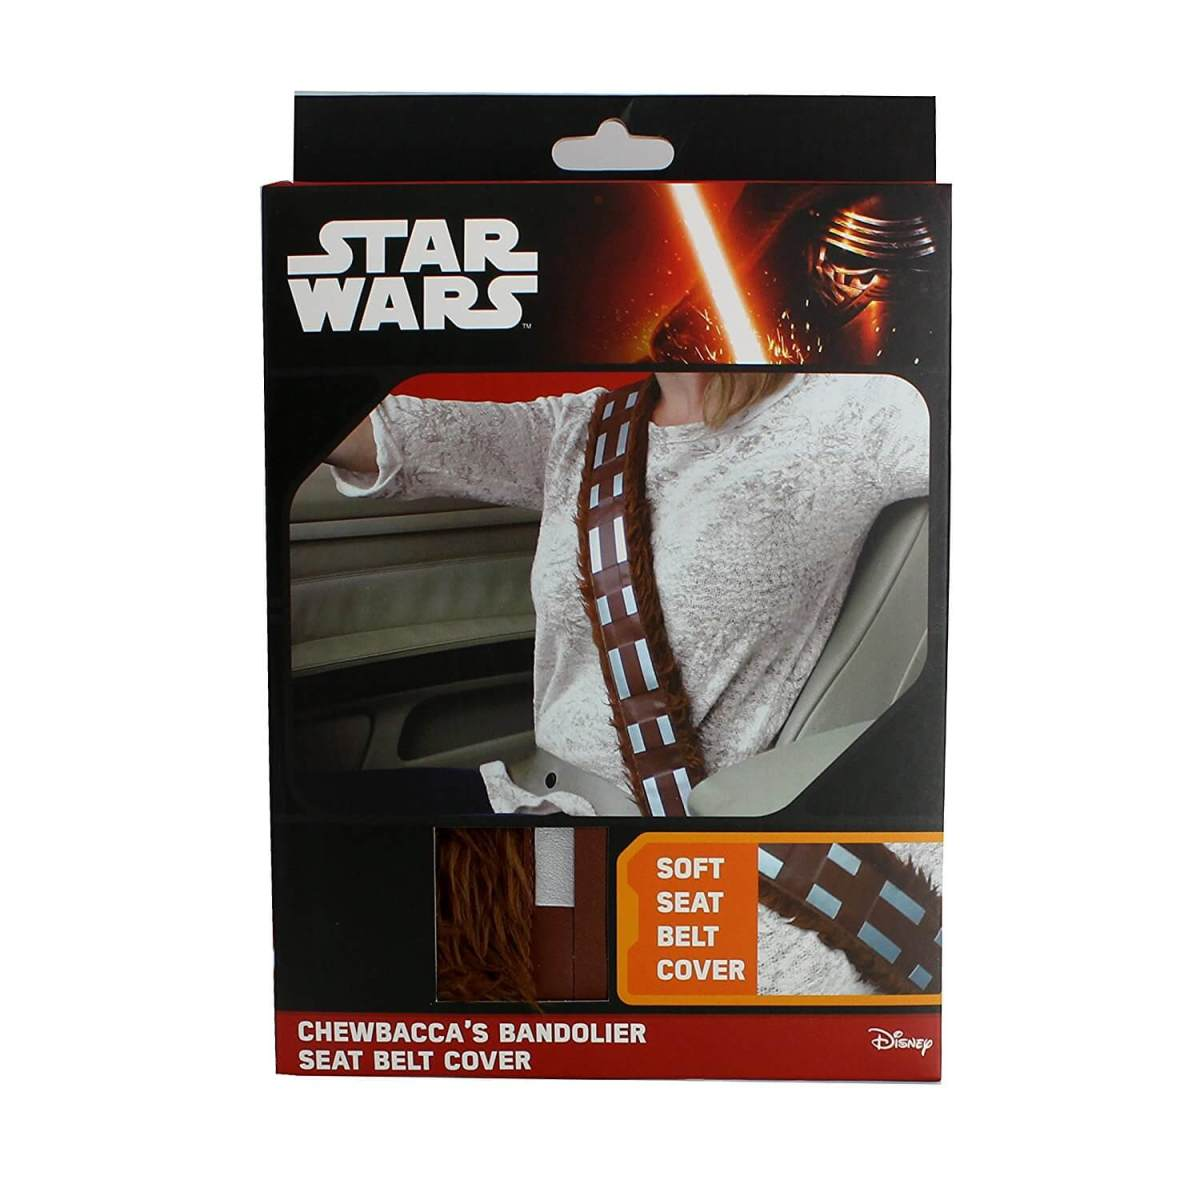 Star Wars Gurtpolster im Chewbacca Design Sicherheitsgurtpolster für Kinder und Erwachsene Nerdgeschenk